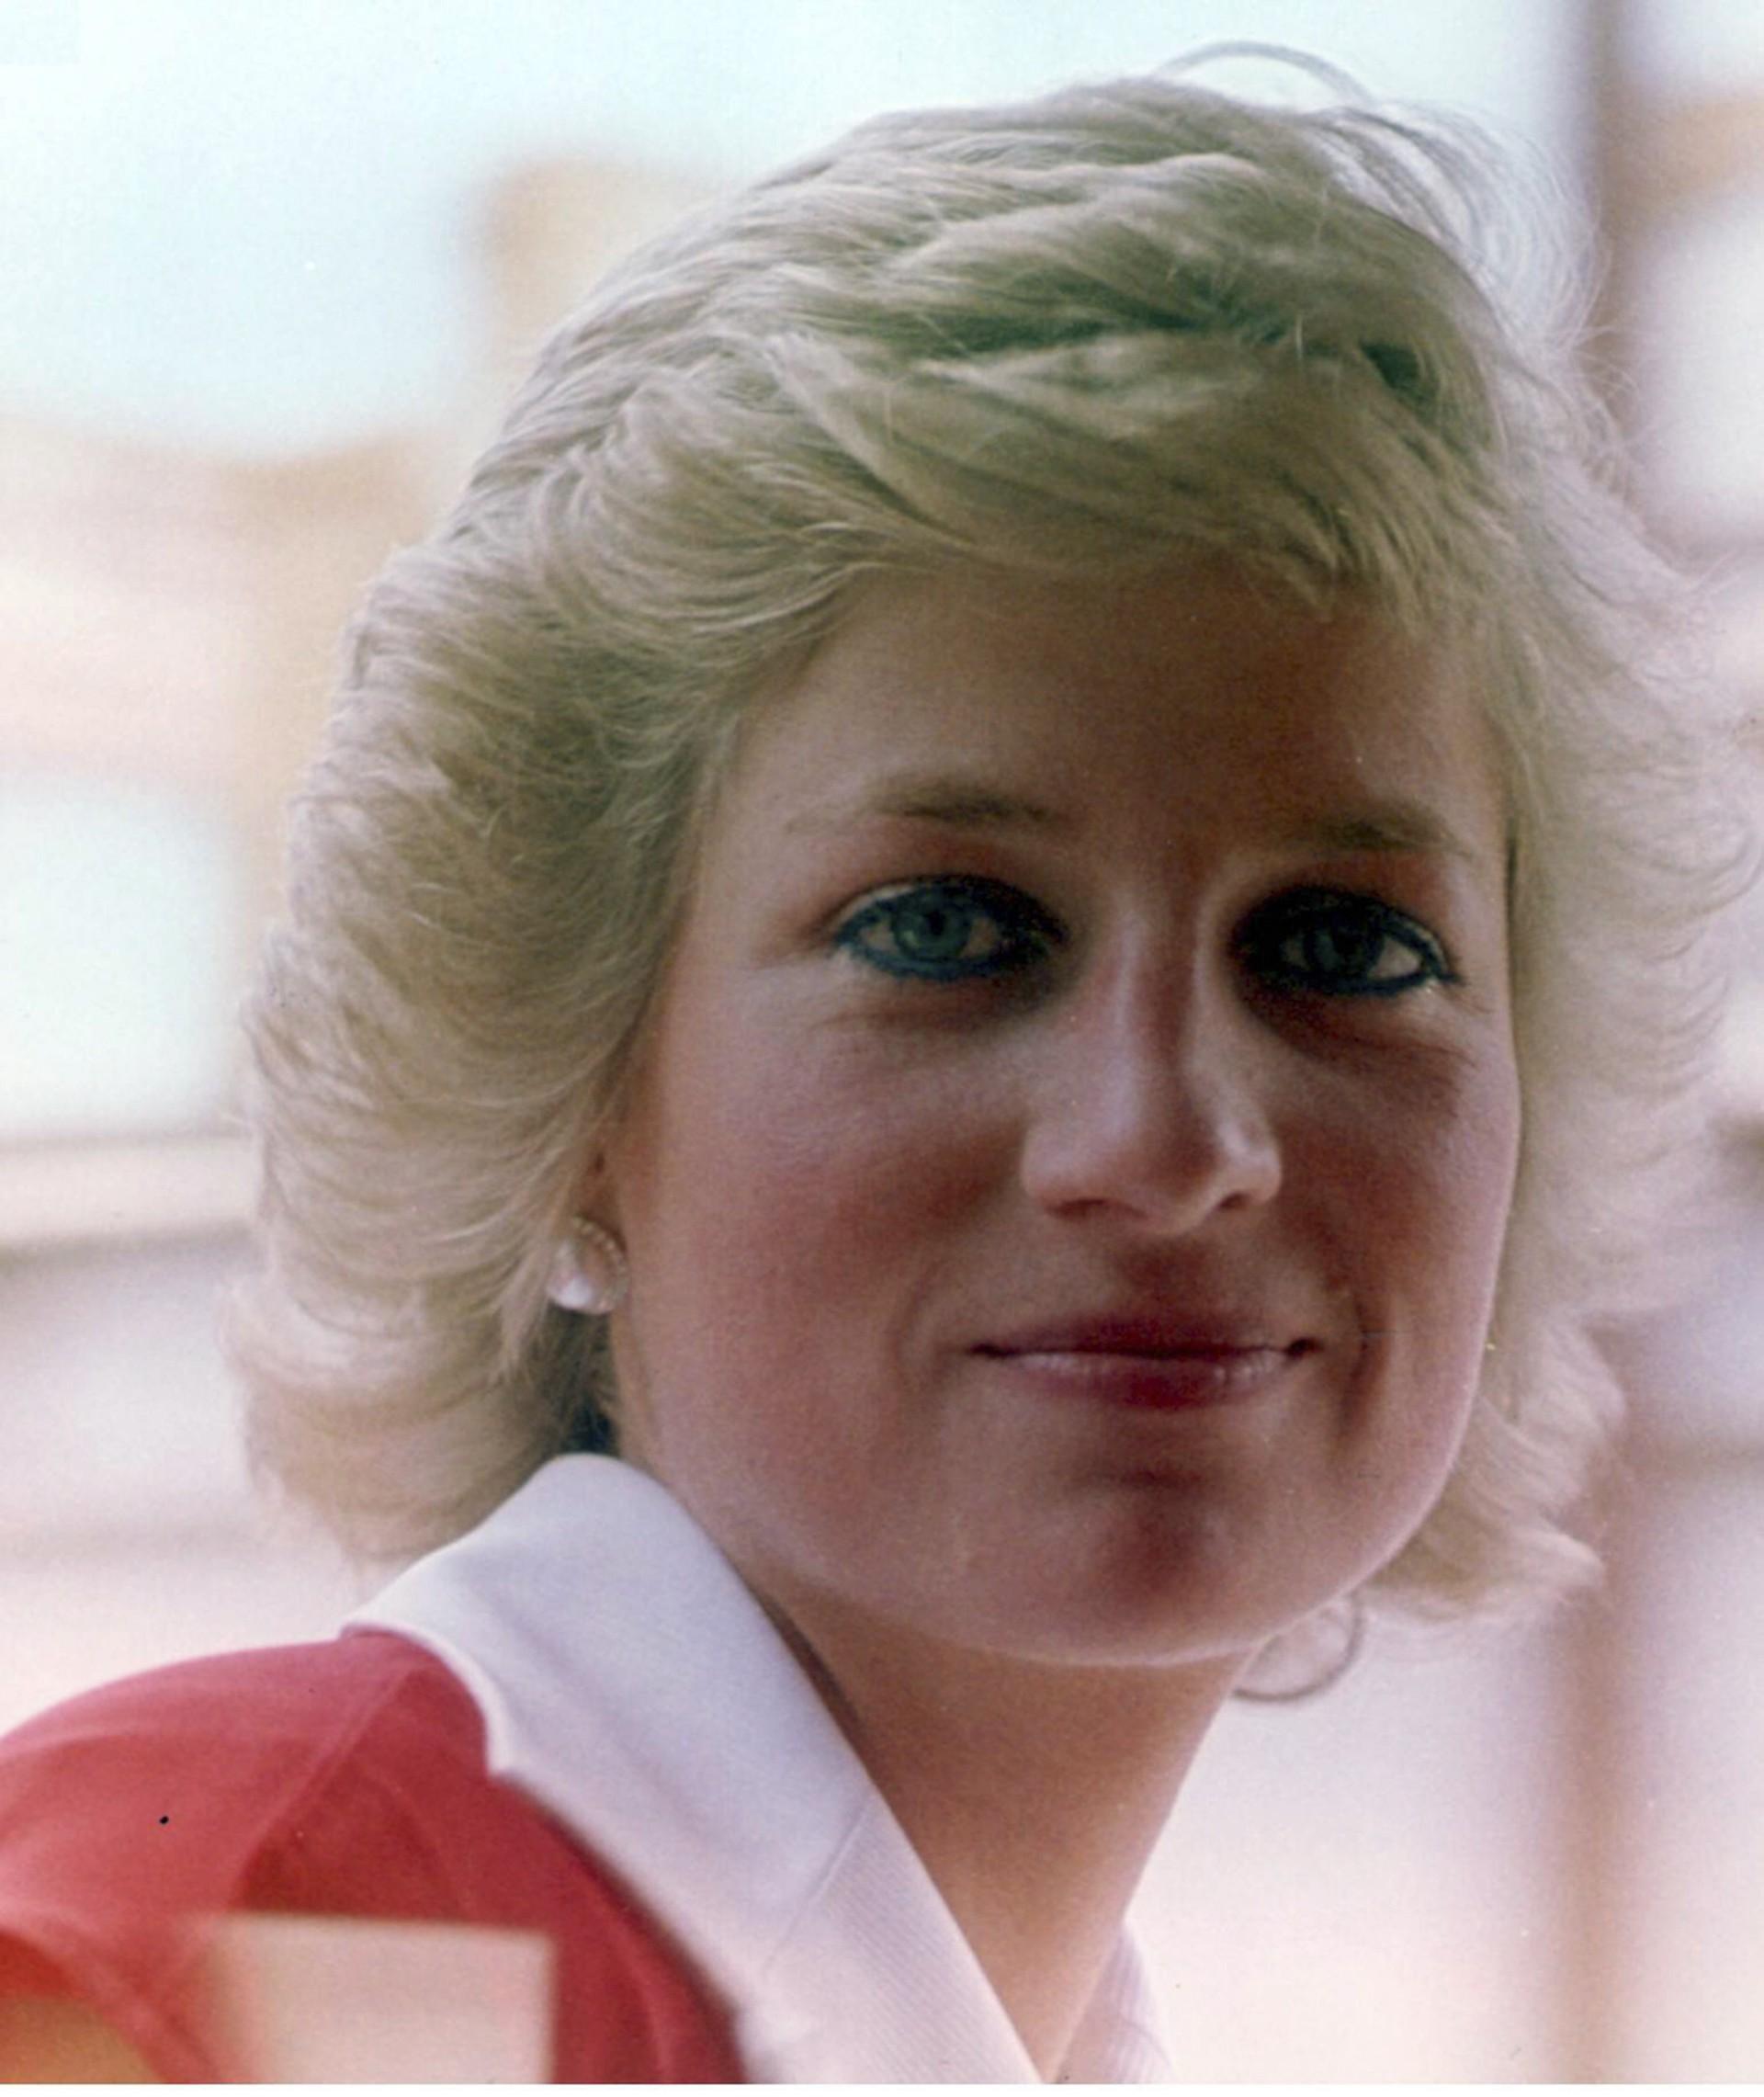 Diana, Princesa de Wales, era tão amada que os paparazzi a perturbavam onde quer que ela ia, inclusive à fatídica viagem a Paris. À meia-noite, fotógrafos em motos perseguiam seu carro, que também levava o namorado, Dodi Fayed, quando o veículo bateu, matando os dois passageiros e o motorista. O trágico acidente foi citado como prova para restringir a atuação dos paparazzi na busca desnecessária por fotos de celebridades. O legado de Diana, contudo, foi a filantropia cultivada durante anos por ações de caridade. (Foto: Getty Images)